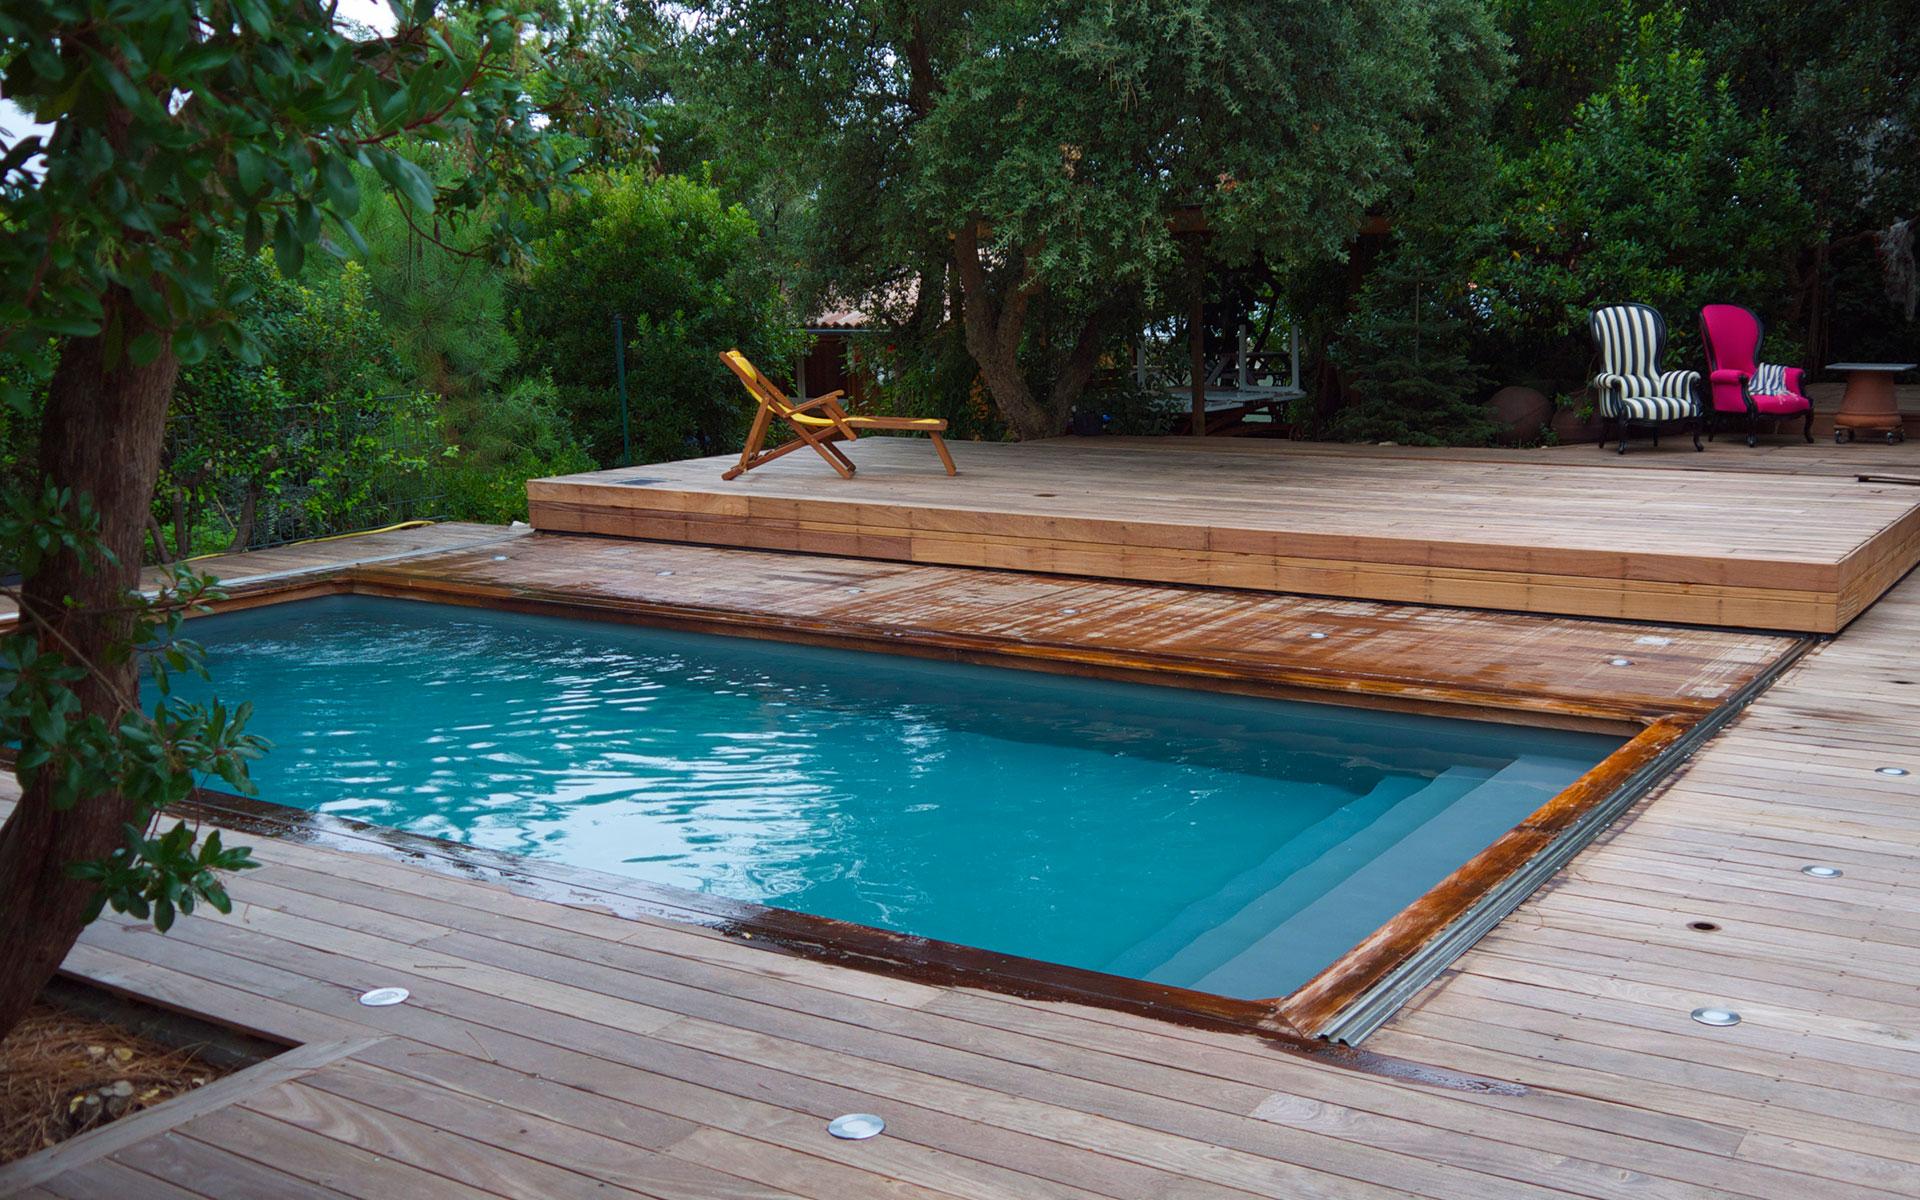 Piscine Terrasse Mobile Schème - Idees Conception Jardin pour Fabriquer Une Terrasse Mobile Pour Piscine